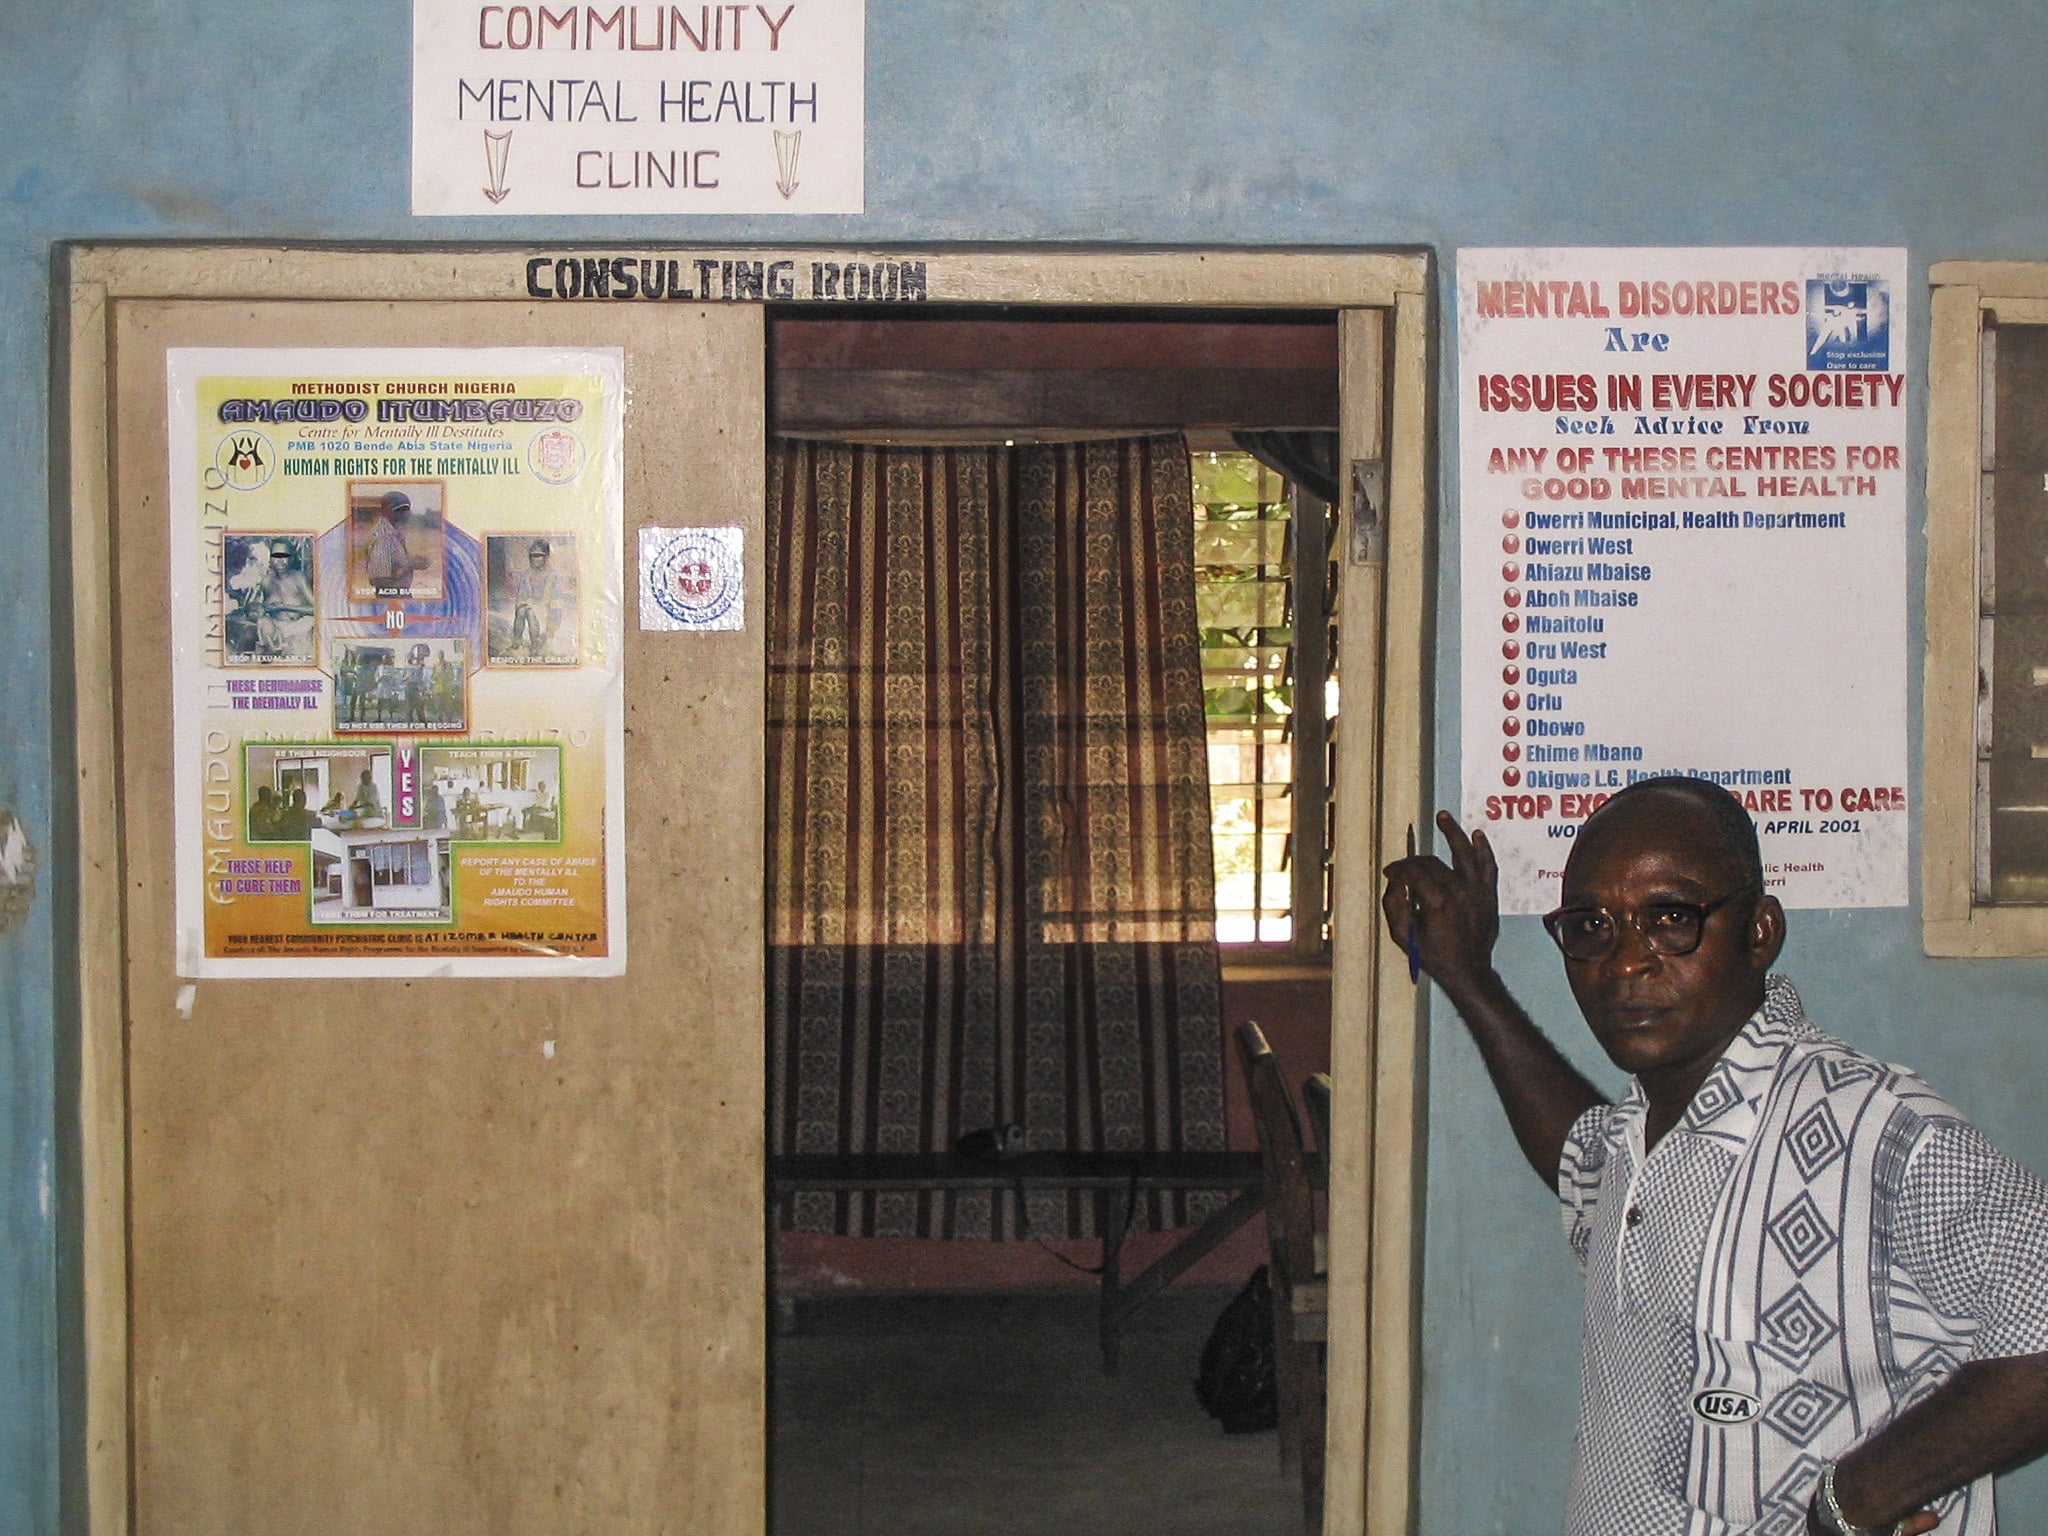 Un infermiere specializzato davanti a un ambulatorio in un Centro comunitario per la salute mentale in Nigeria. Community Eye Health/Flickr in licenza CC